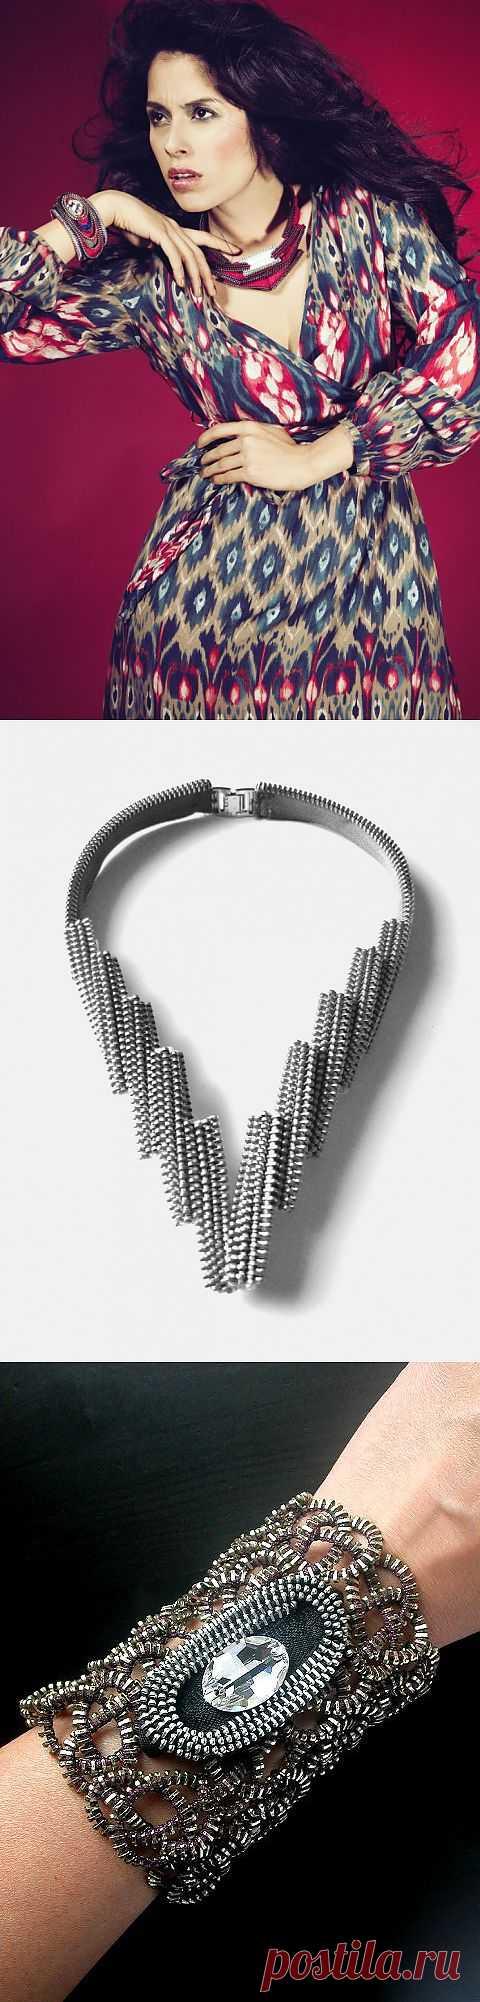 Украшения из молний (трафик) / Украшения и бижутерия / Модный сайт о стильной переделке одежды и интерьера